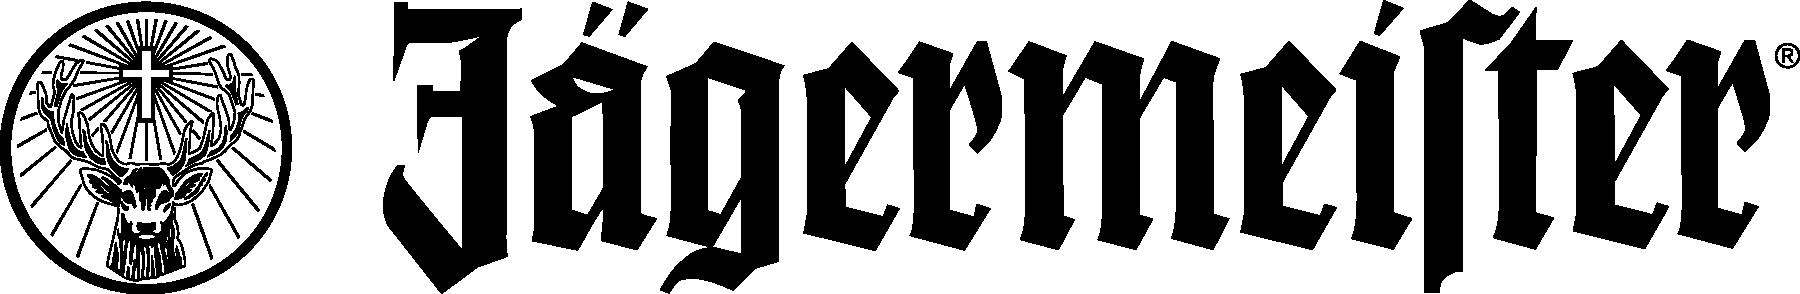 Jager_Logo_Horizontal_Black.png